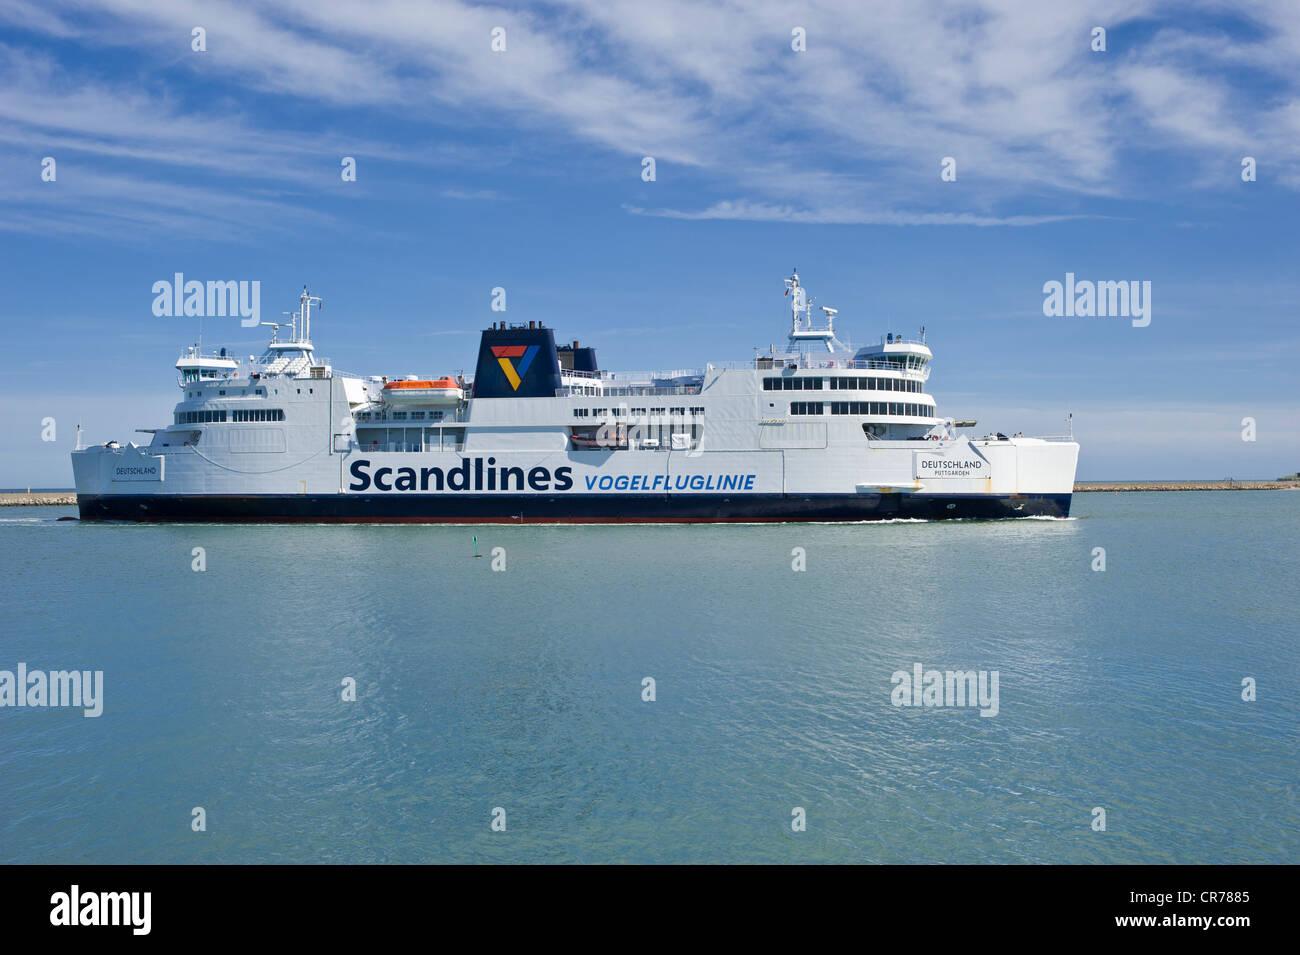 Scandlines ferry, Deutschland, at the ferry terminal, Puttgarden, Fehmarn Island, Baltic Sea, Schleswig-Holstein - Stock Image